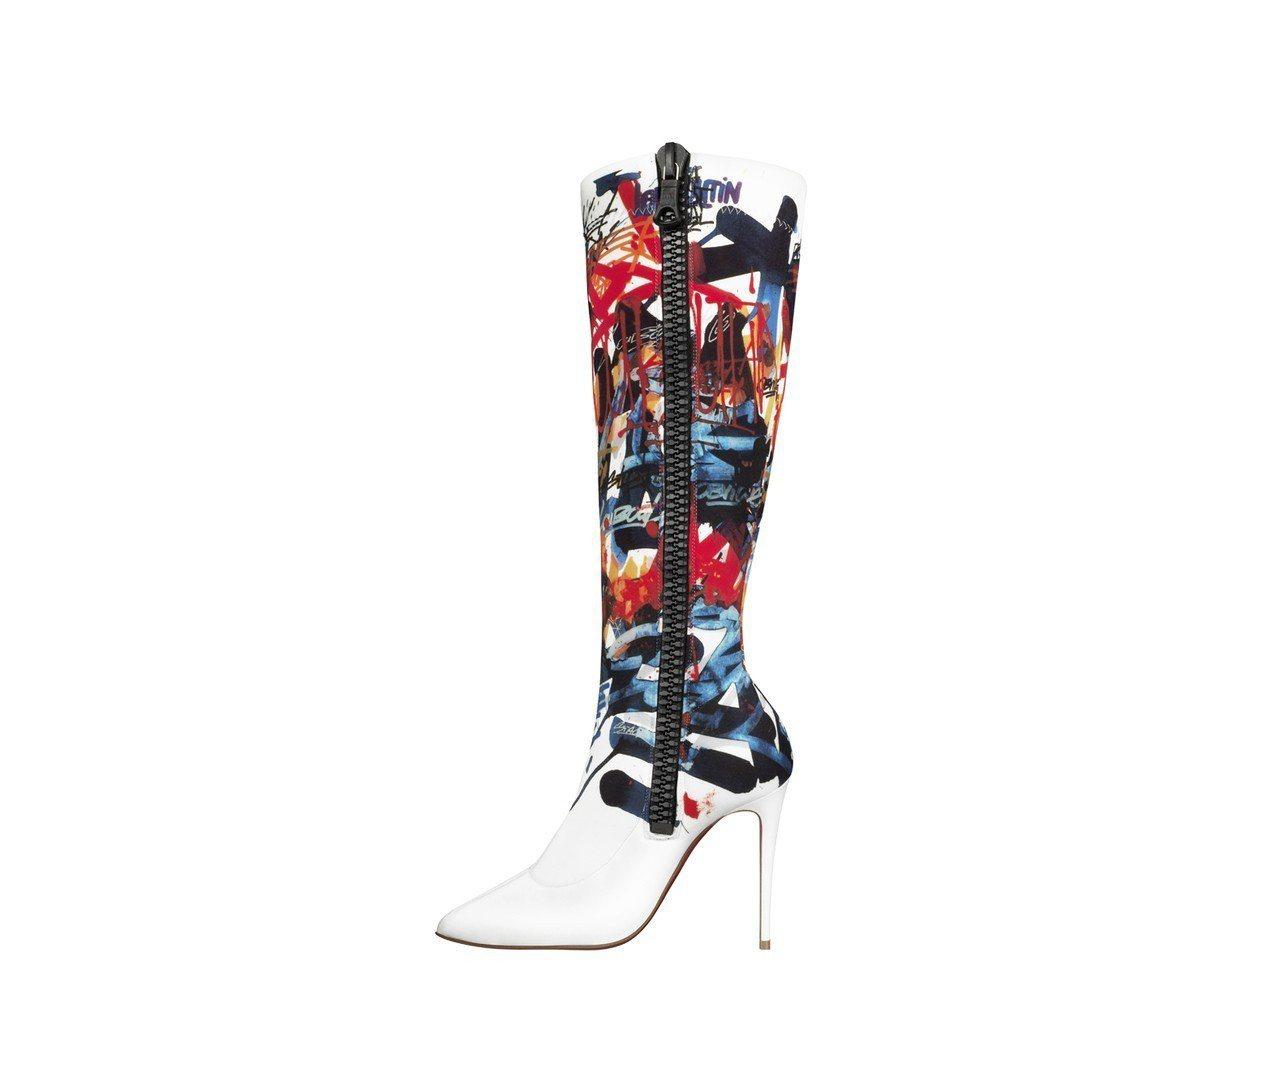 娜塔莉亞.沃迪亞諾娃詮釋的塗鴉靴款。圖/Christian Louboutin提...